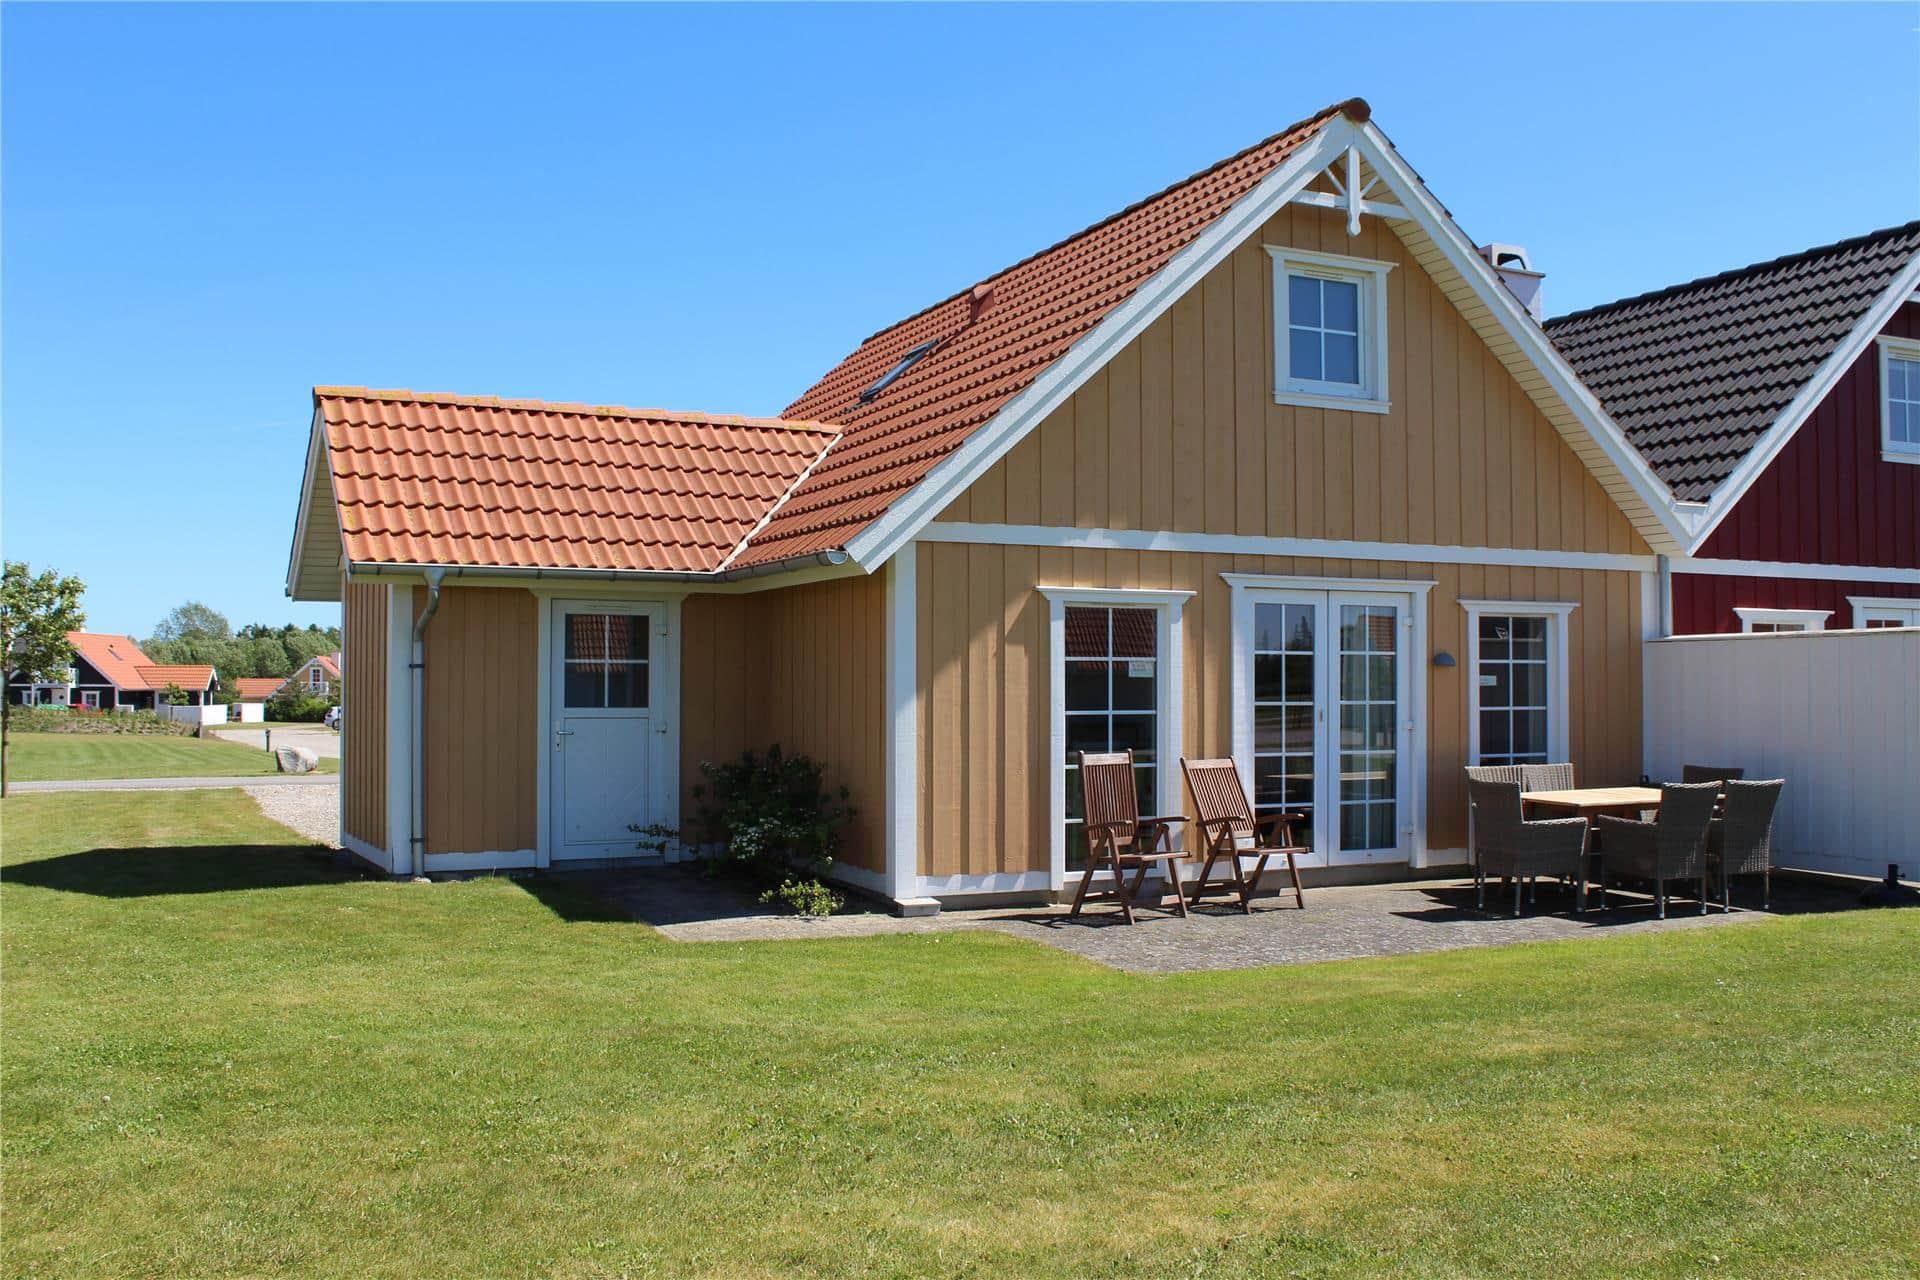 Billede 1-3 Sommerhus M64351, Strandgårdsvej 213, DK - 5464 Brenderup Fyn